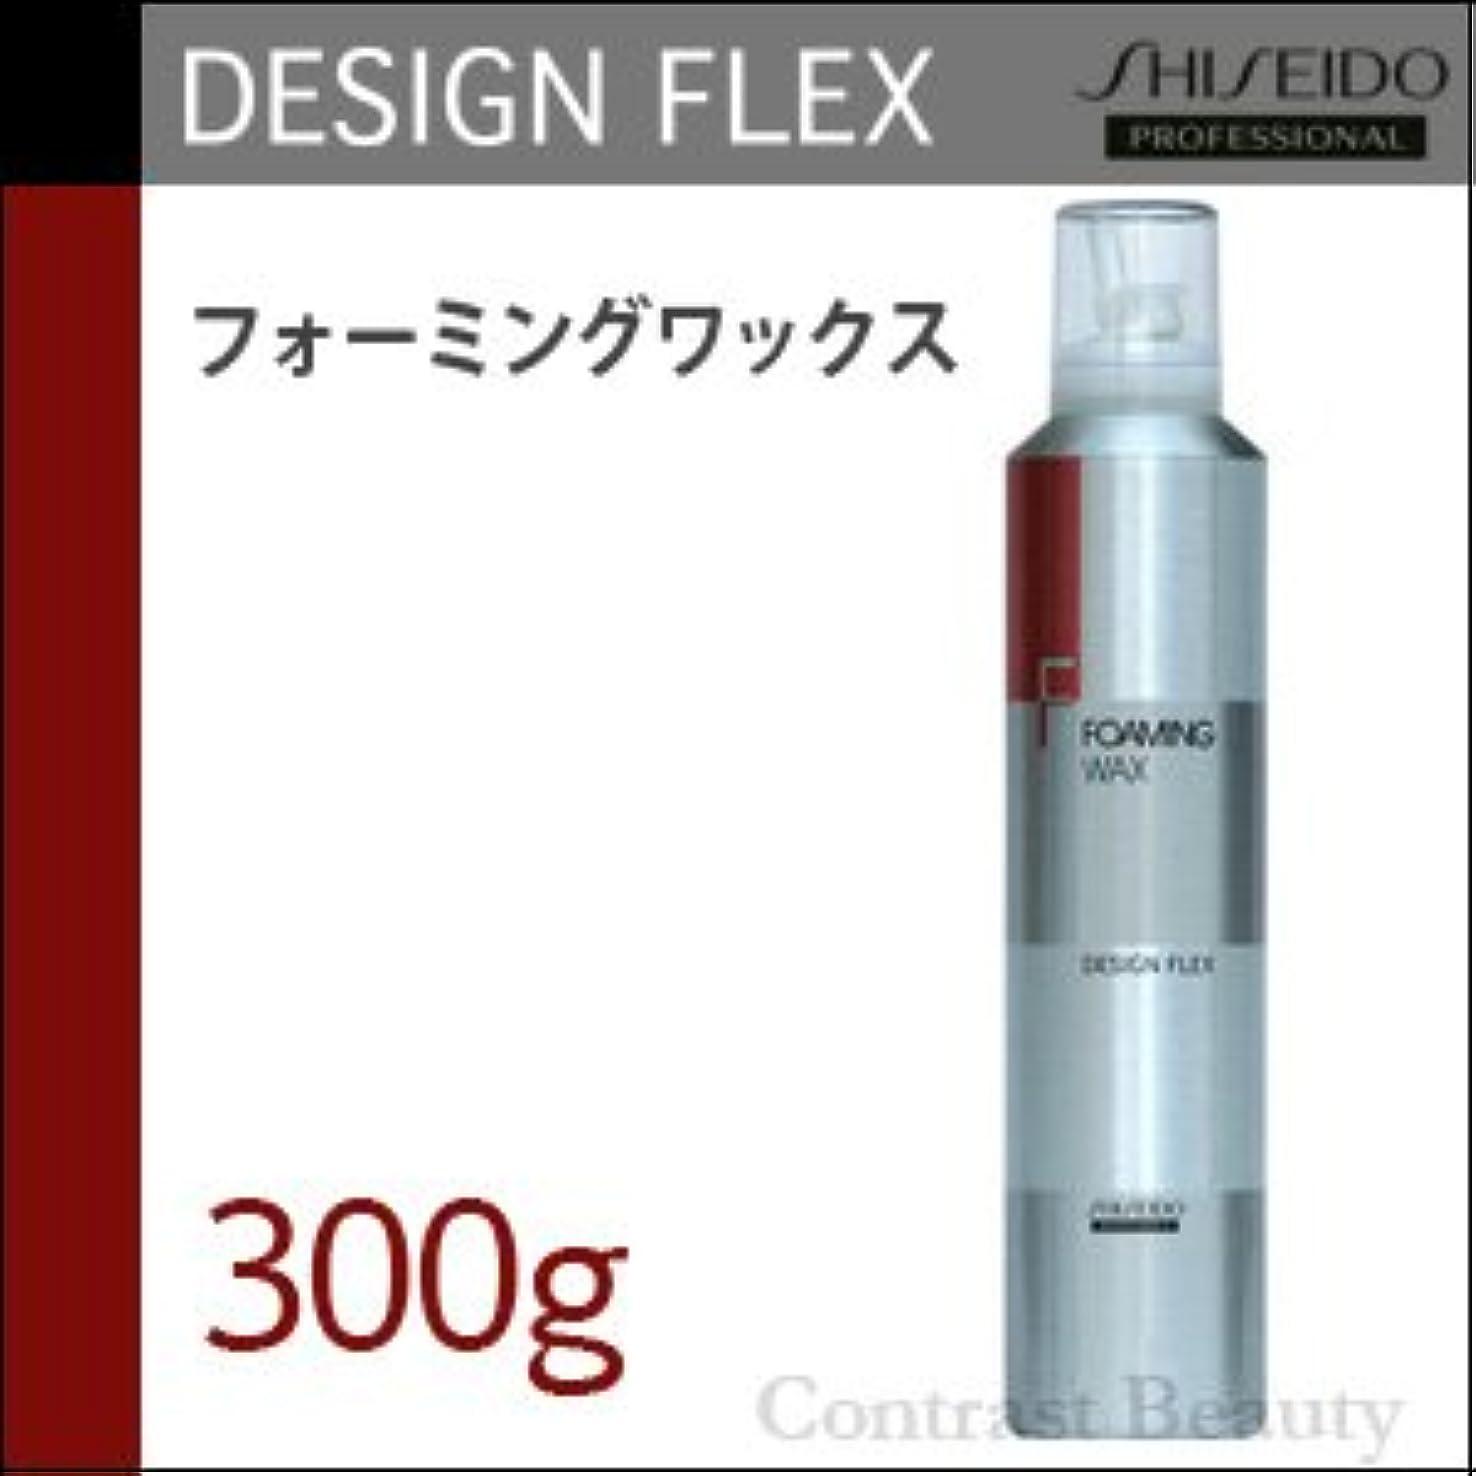 簡単な大胆な遮る【x4個セット】 資生堂 デザインフレックス フォーミングワックス 300g